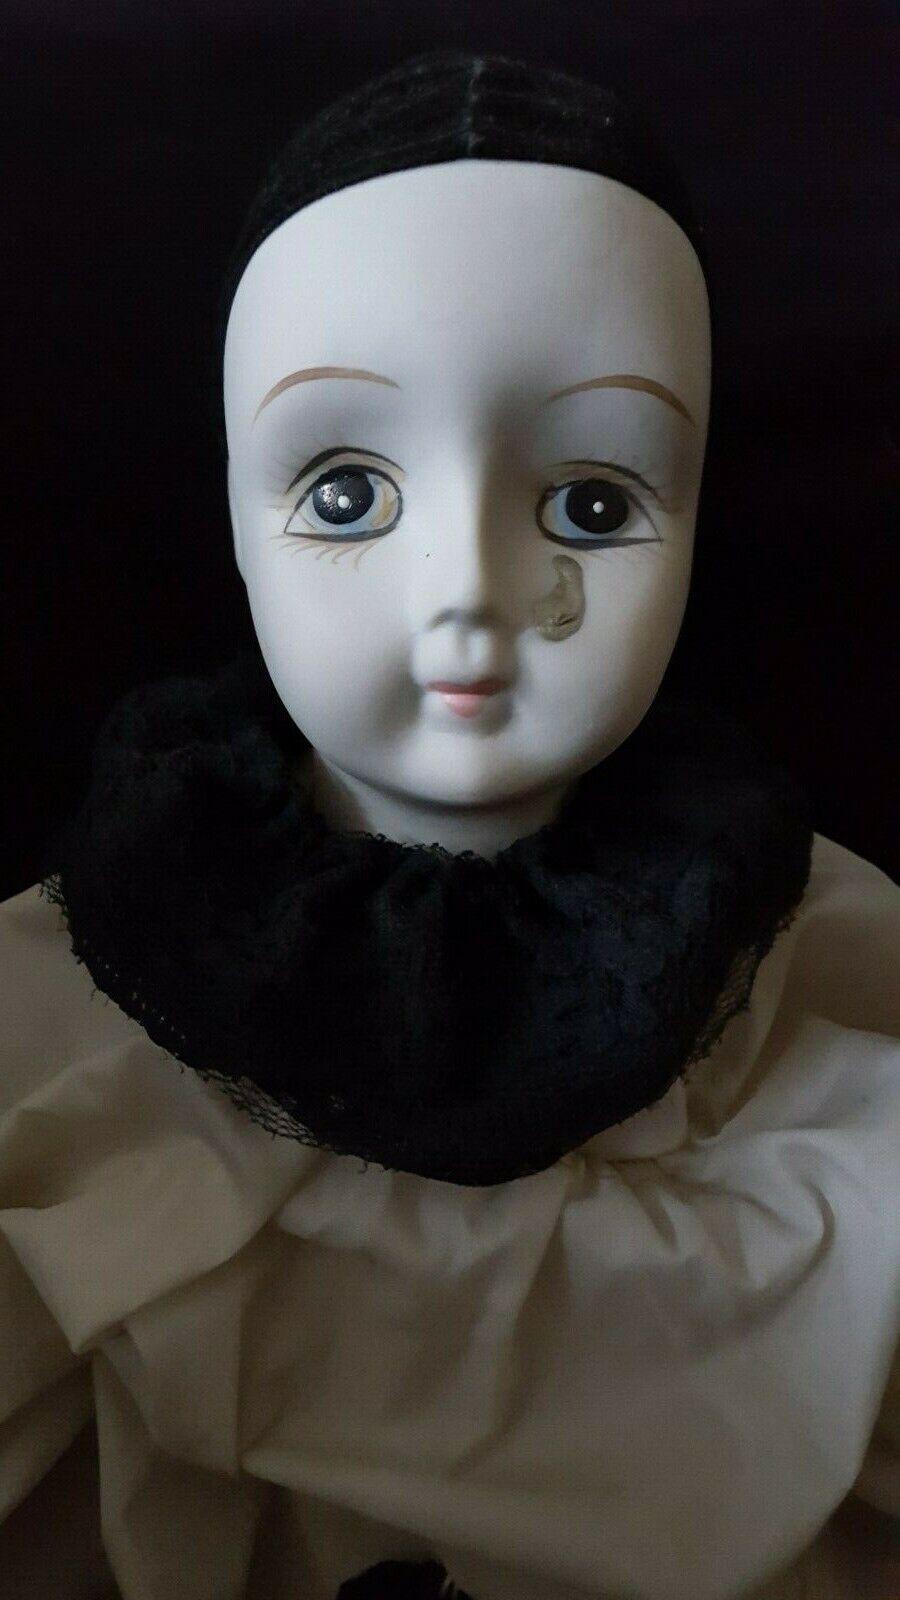 55 cm Schöne Porzellan Clown Puppe in Schwarz Weiß Kleidung